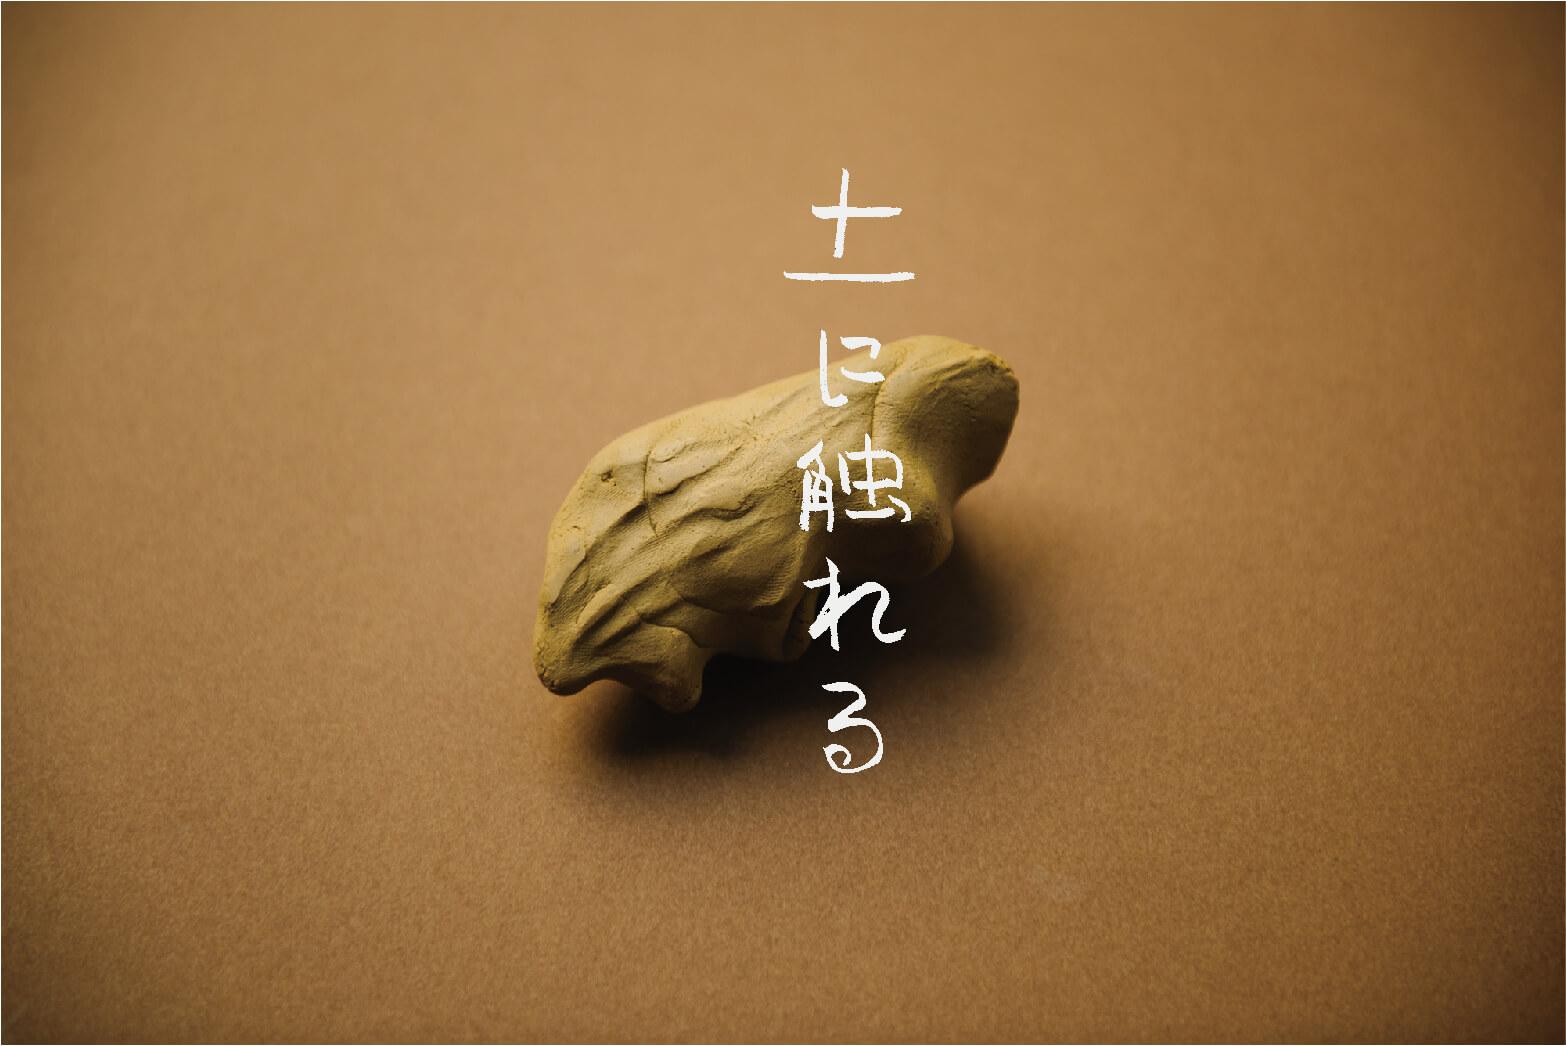 ゆかいWS「土に触れる」02